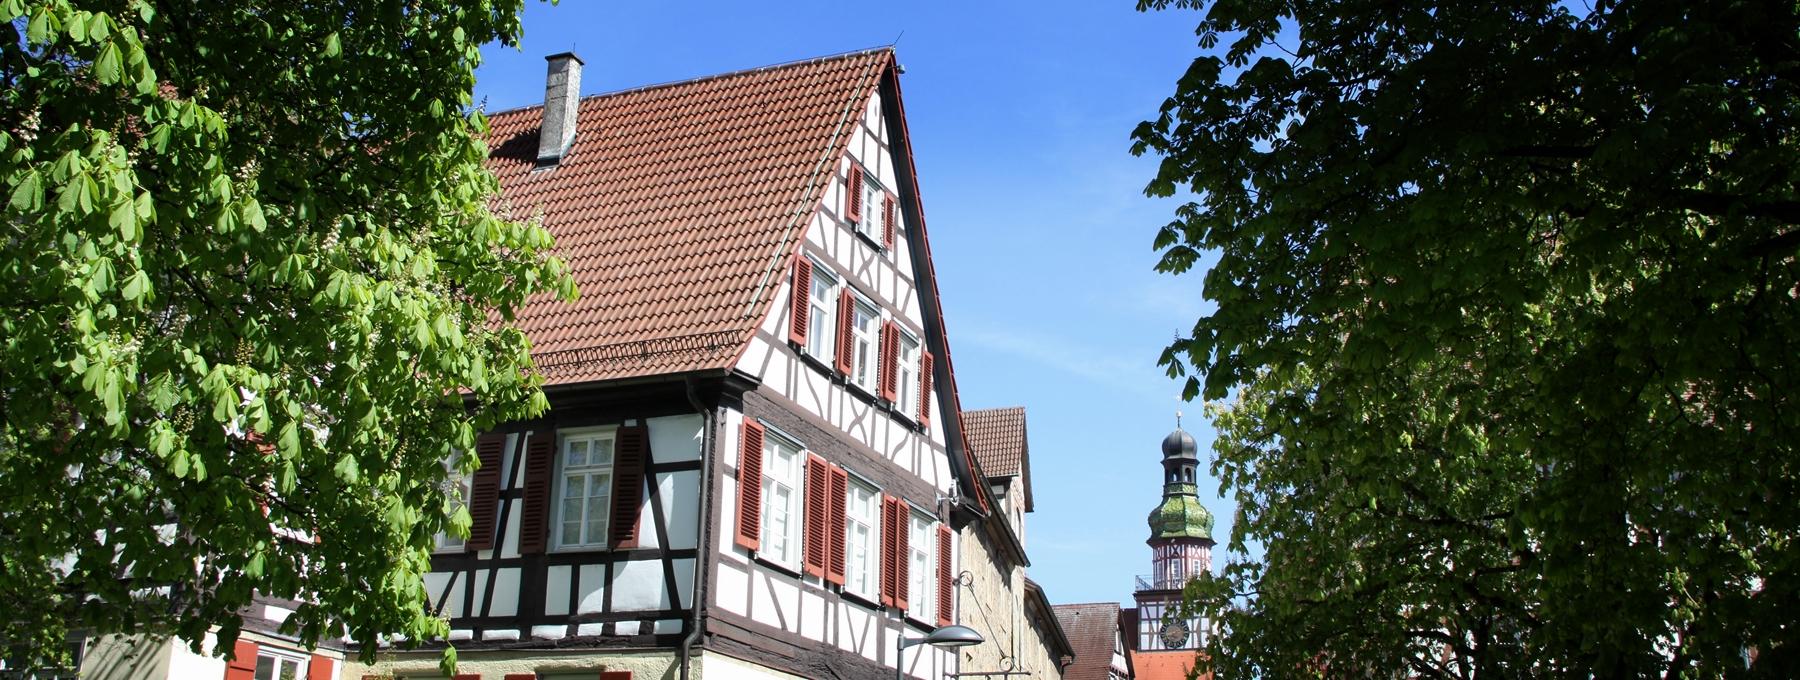 Wetter Webcam Stadt Kirchheim Unter Teck